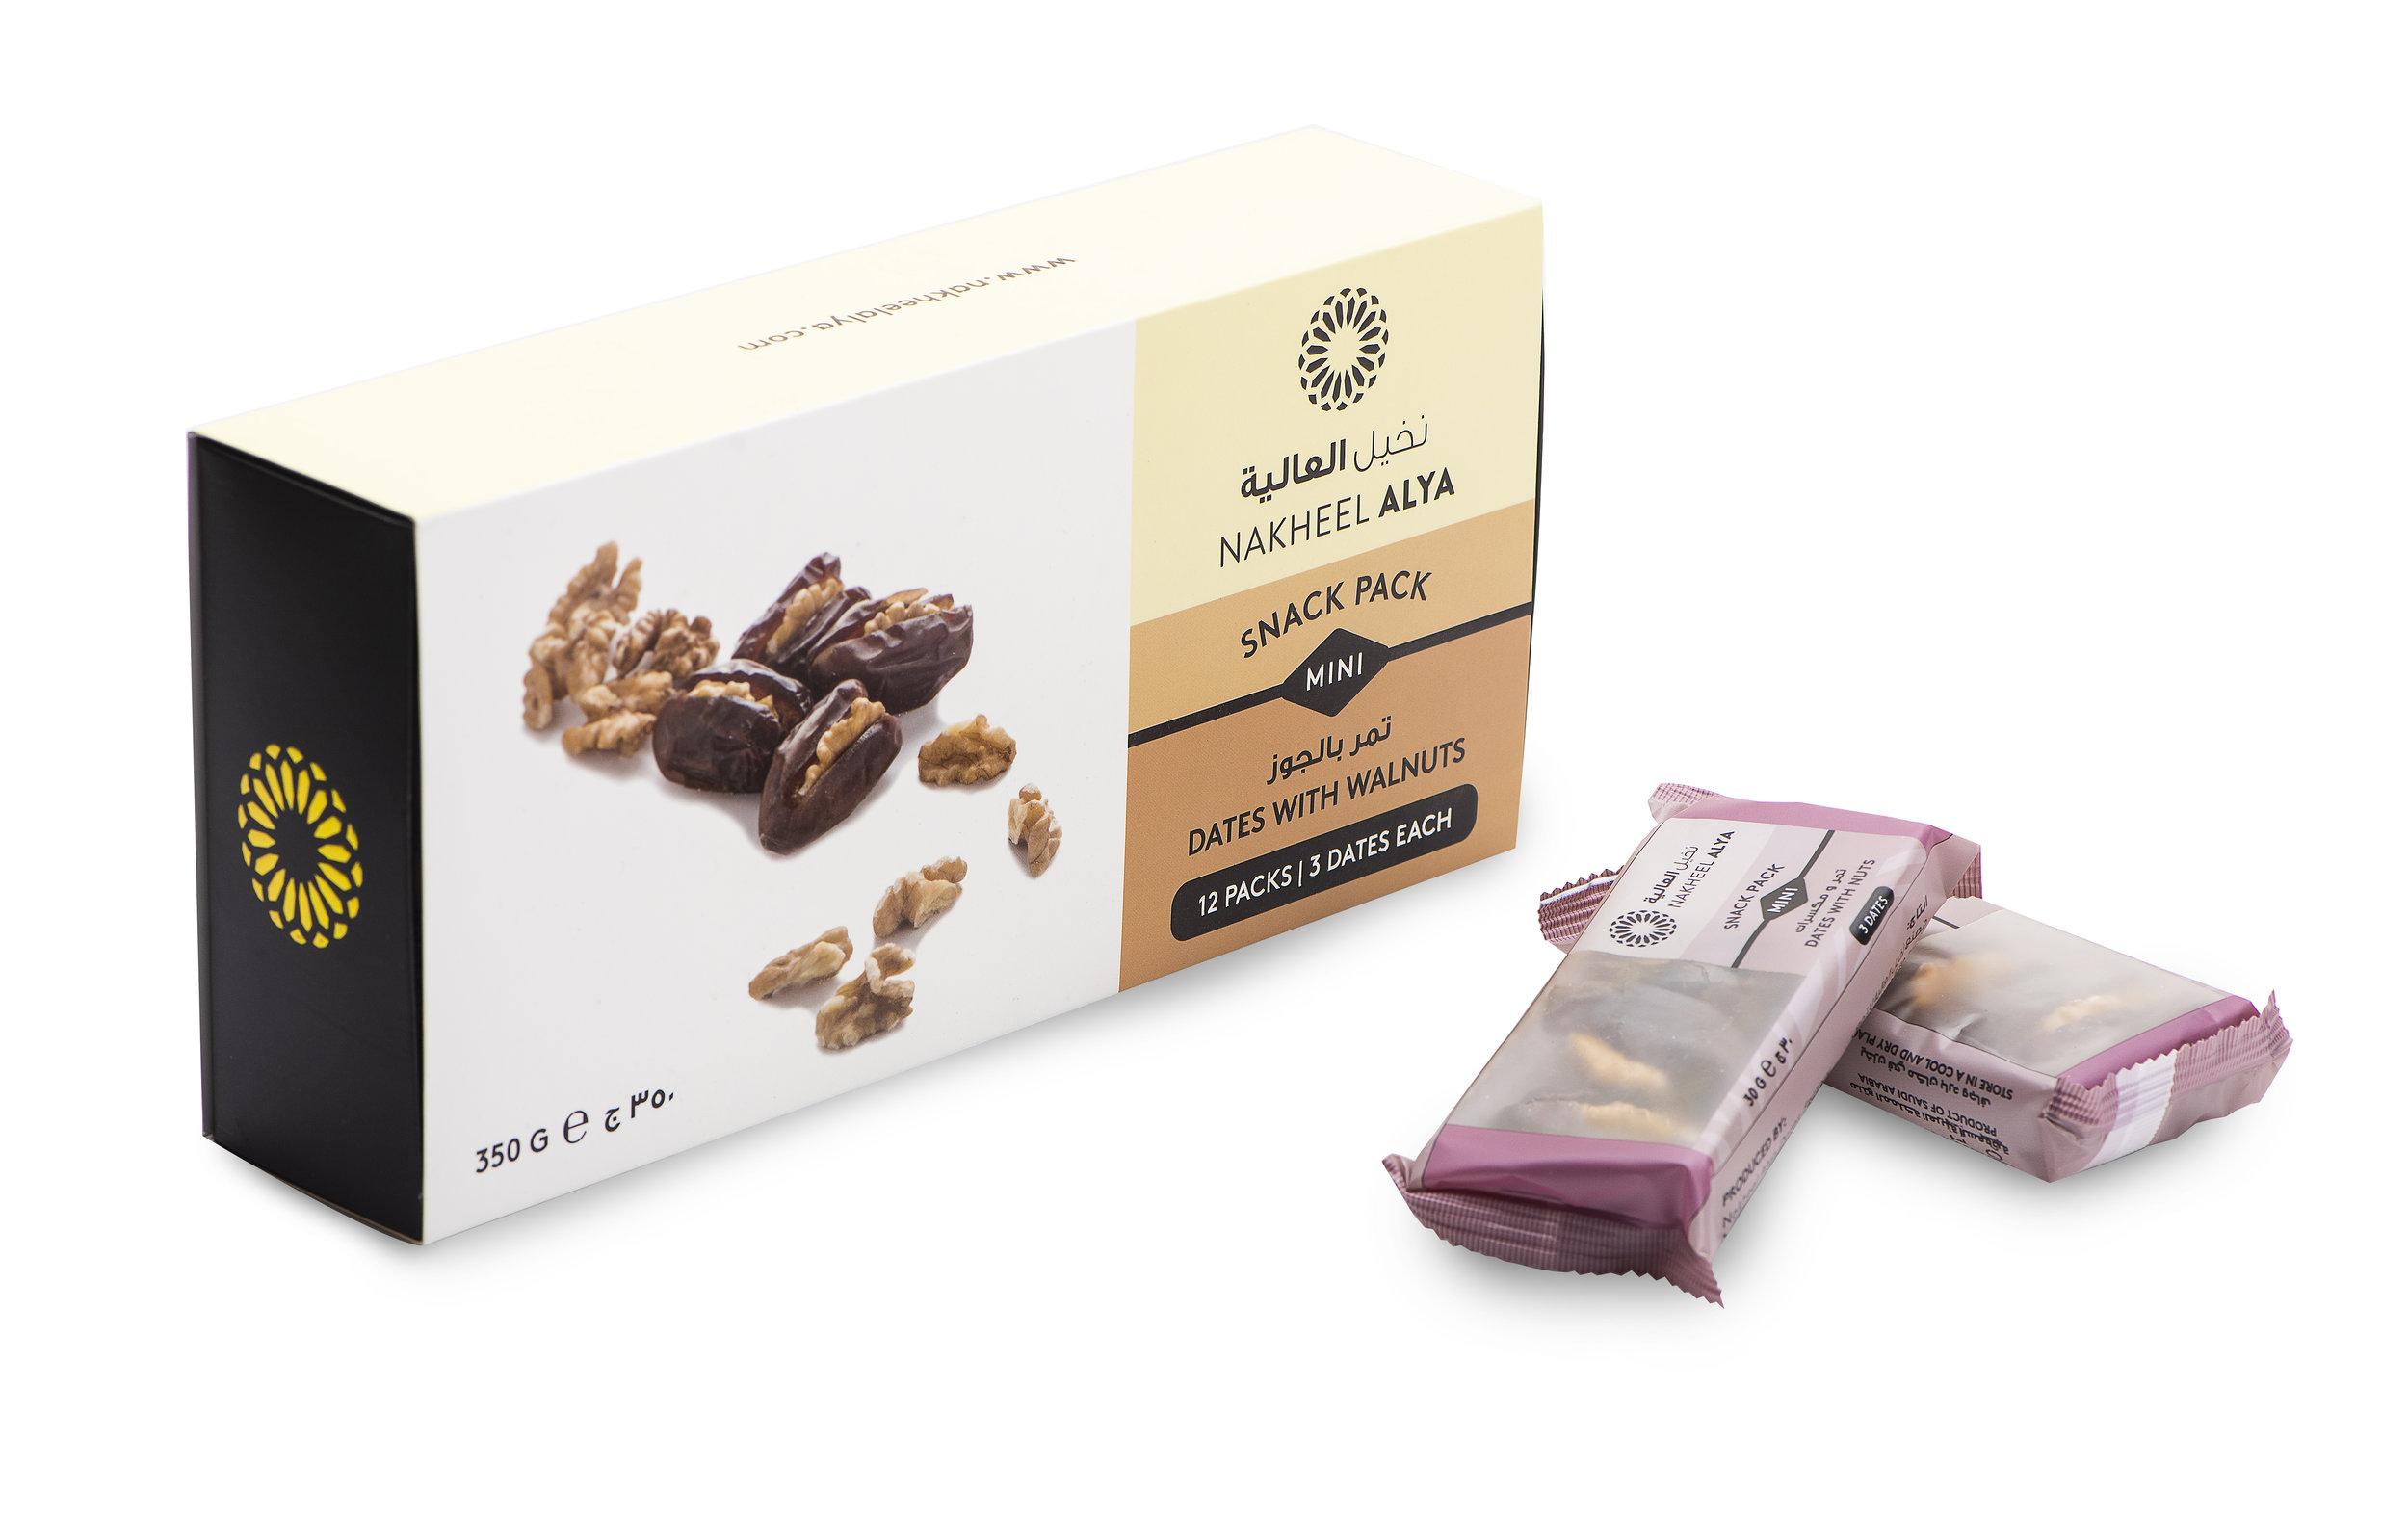 Snack Pack Mini - Dates w Walnut.jpg